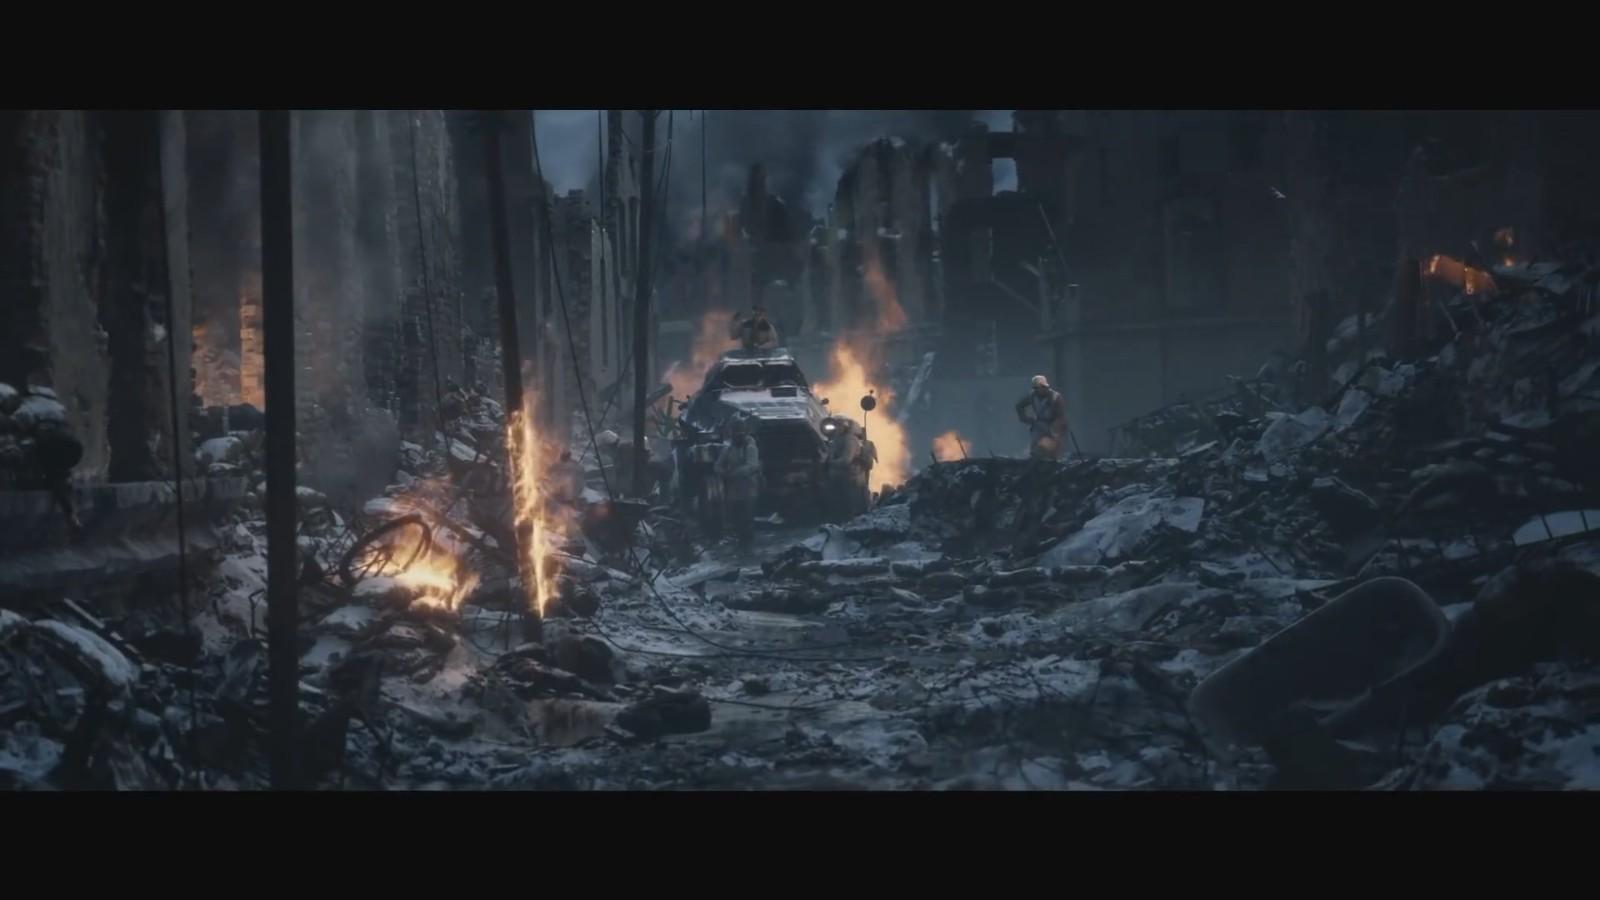 《使命召唤:先锋》剧情模式预告 亲身经历诸多经典战役